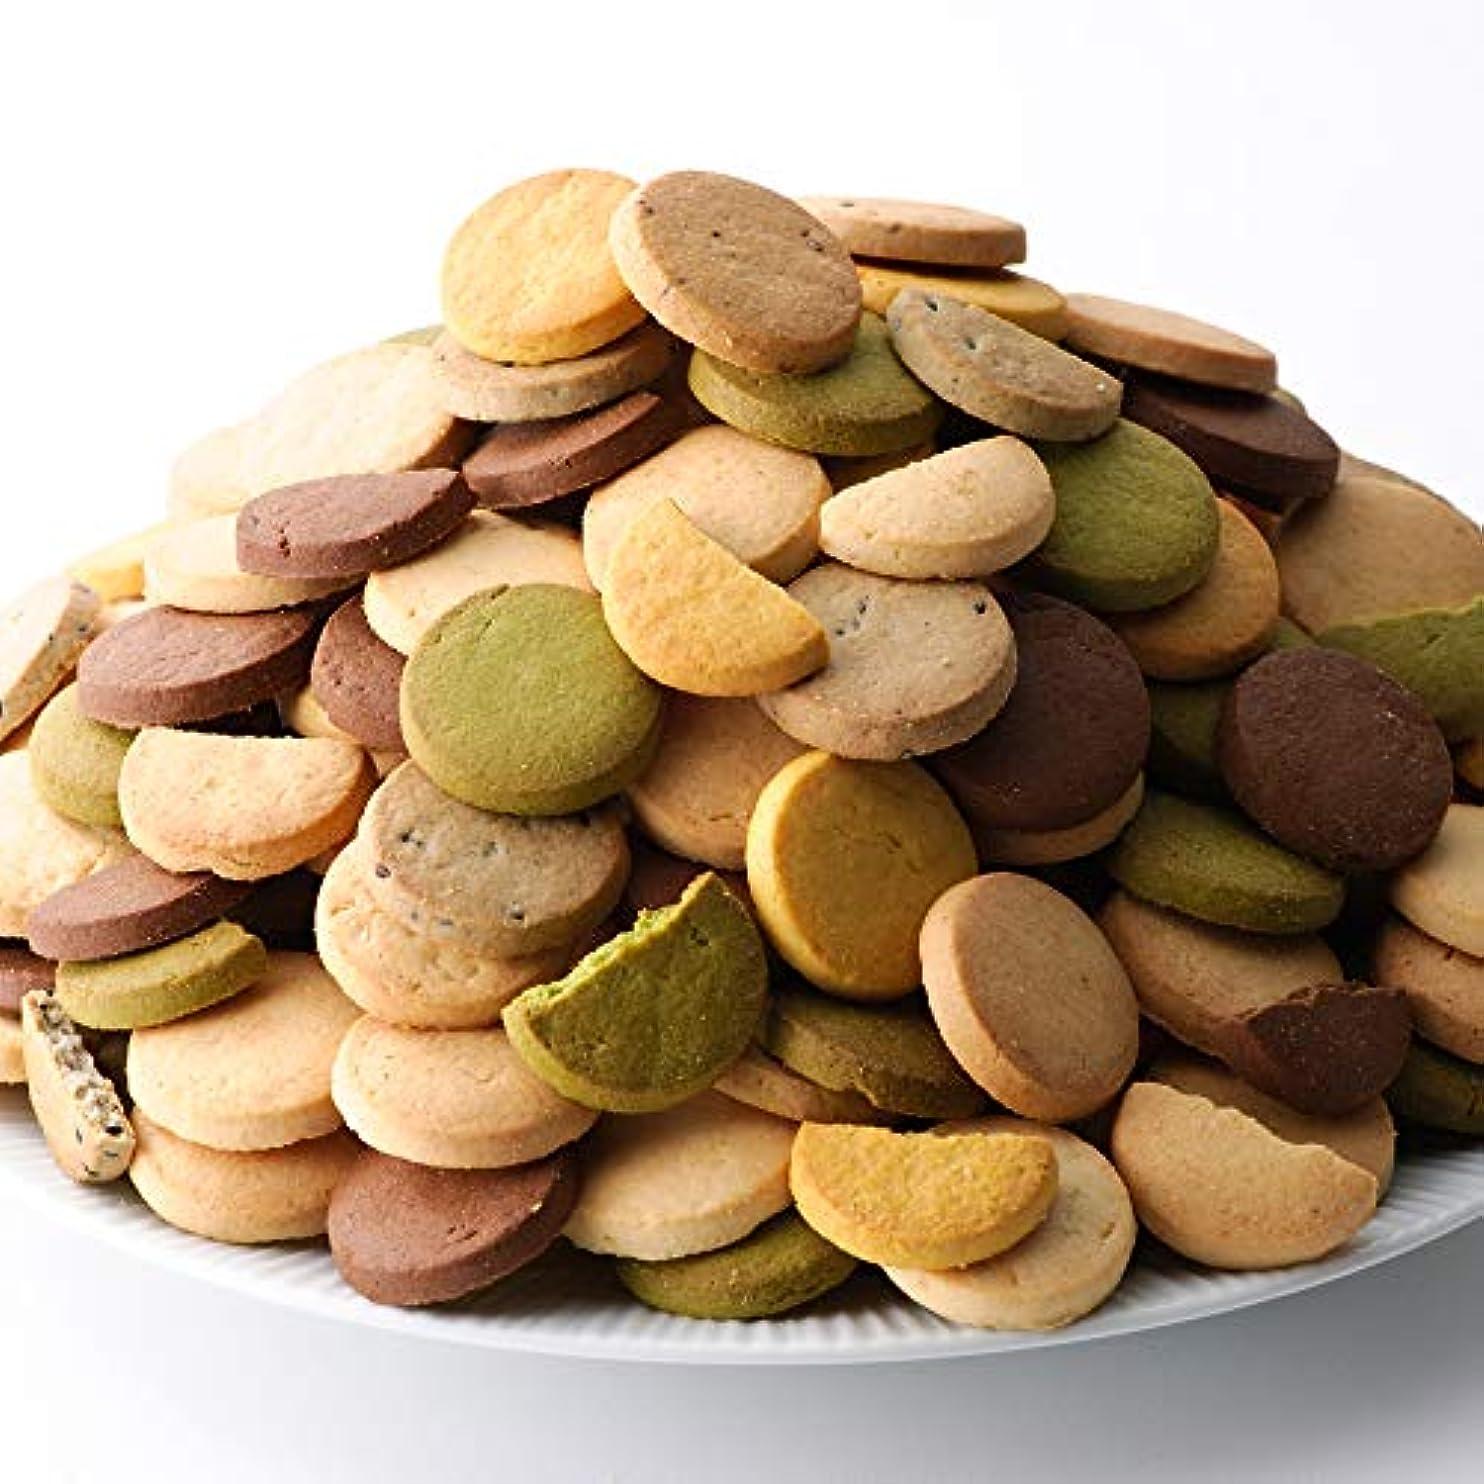 発明する贈り物出会い豆乳おからクッキー 1kg(200g×5袋)1枚約16kcal